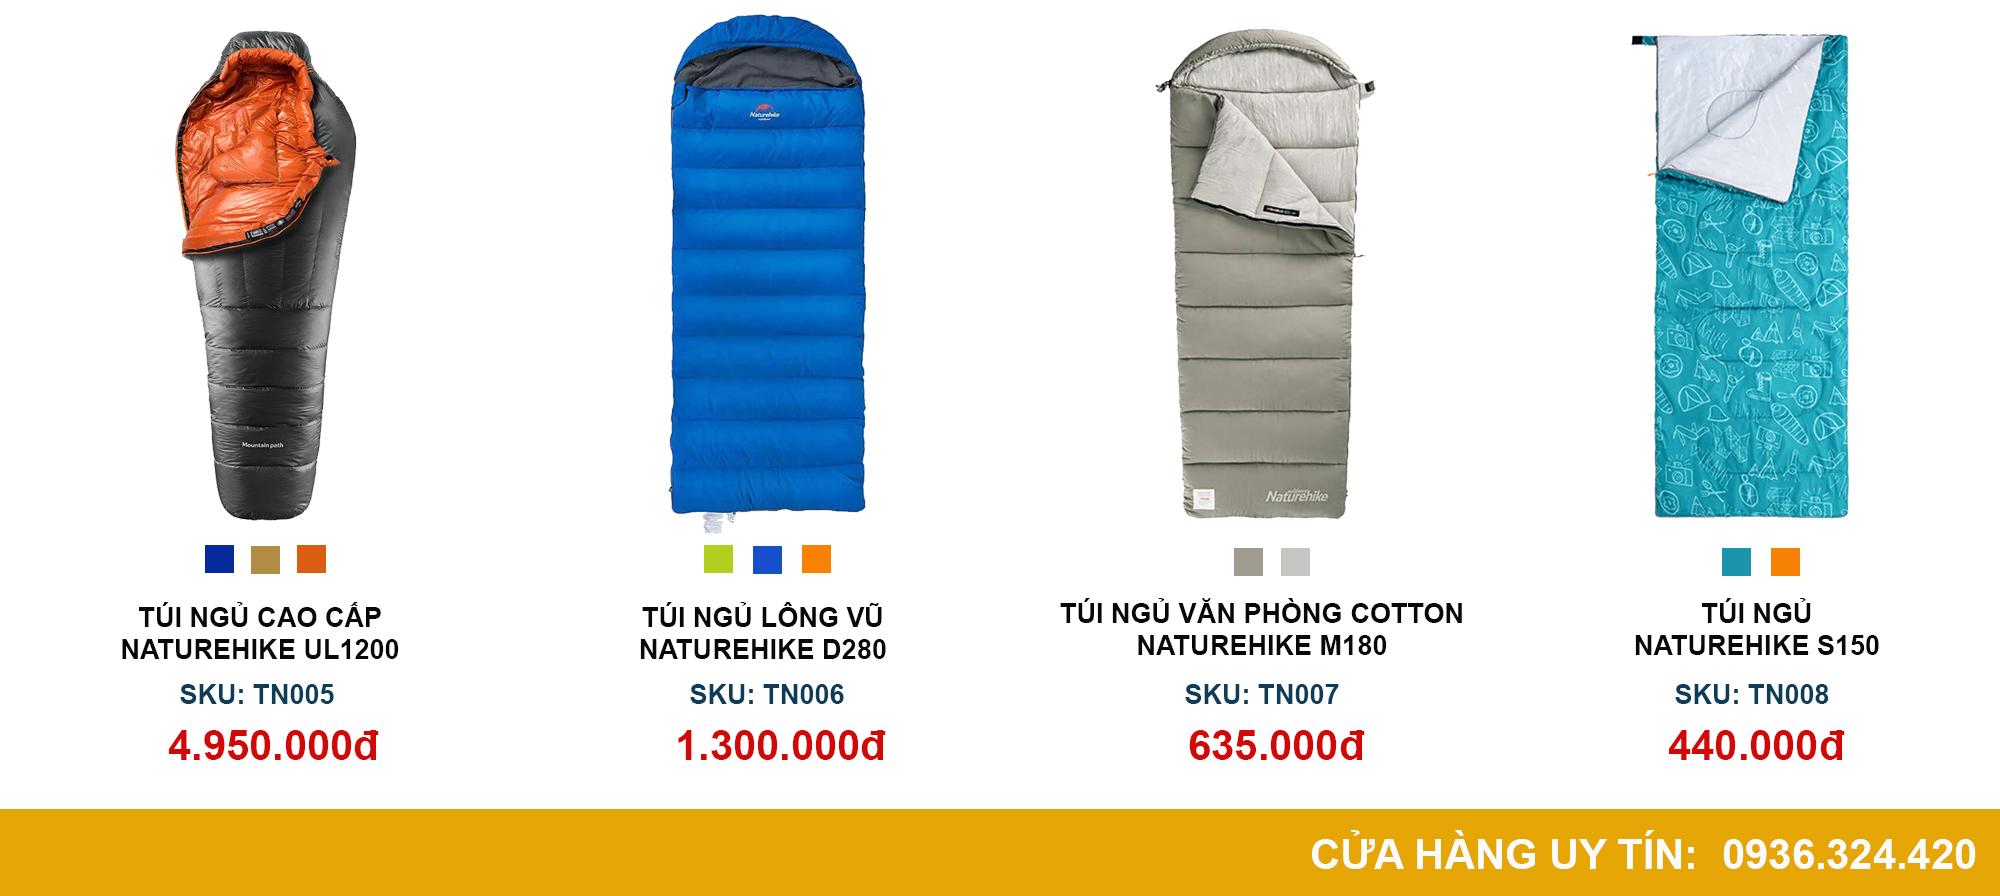 những chiếc túi ngủ giá rẻ được bán toàn quốc